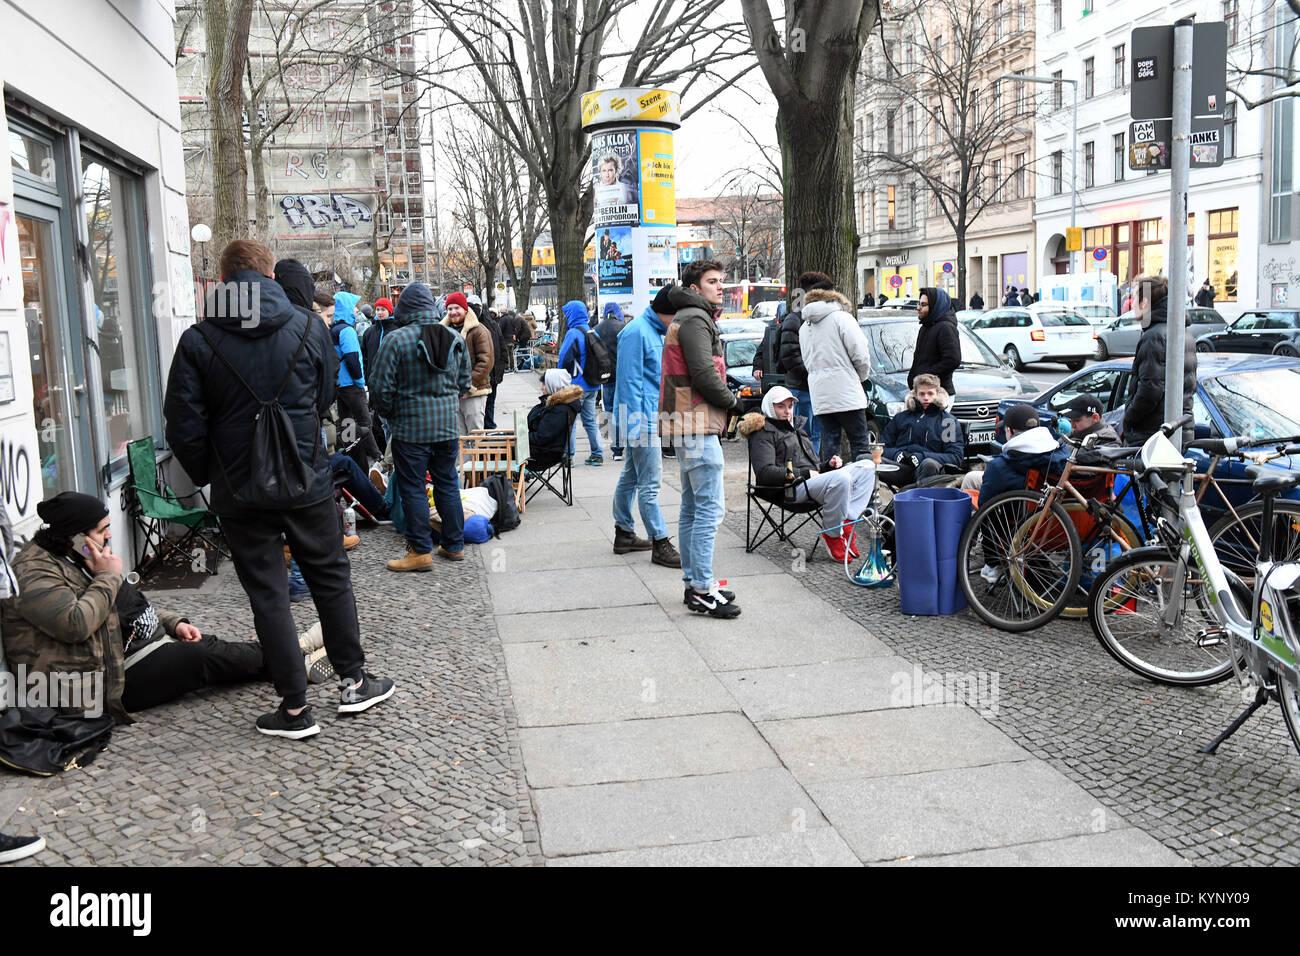 Mehrere hundert Menschen Camp vor einem Schuhgeschäft, das Adidas Sneaker mit integriertem BVG (Berliner Verkehrsbetriebe) Stockfoto